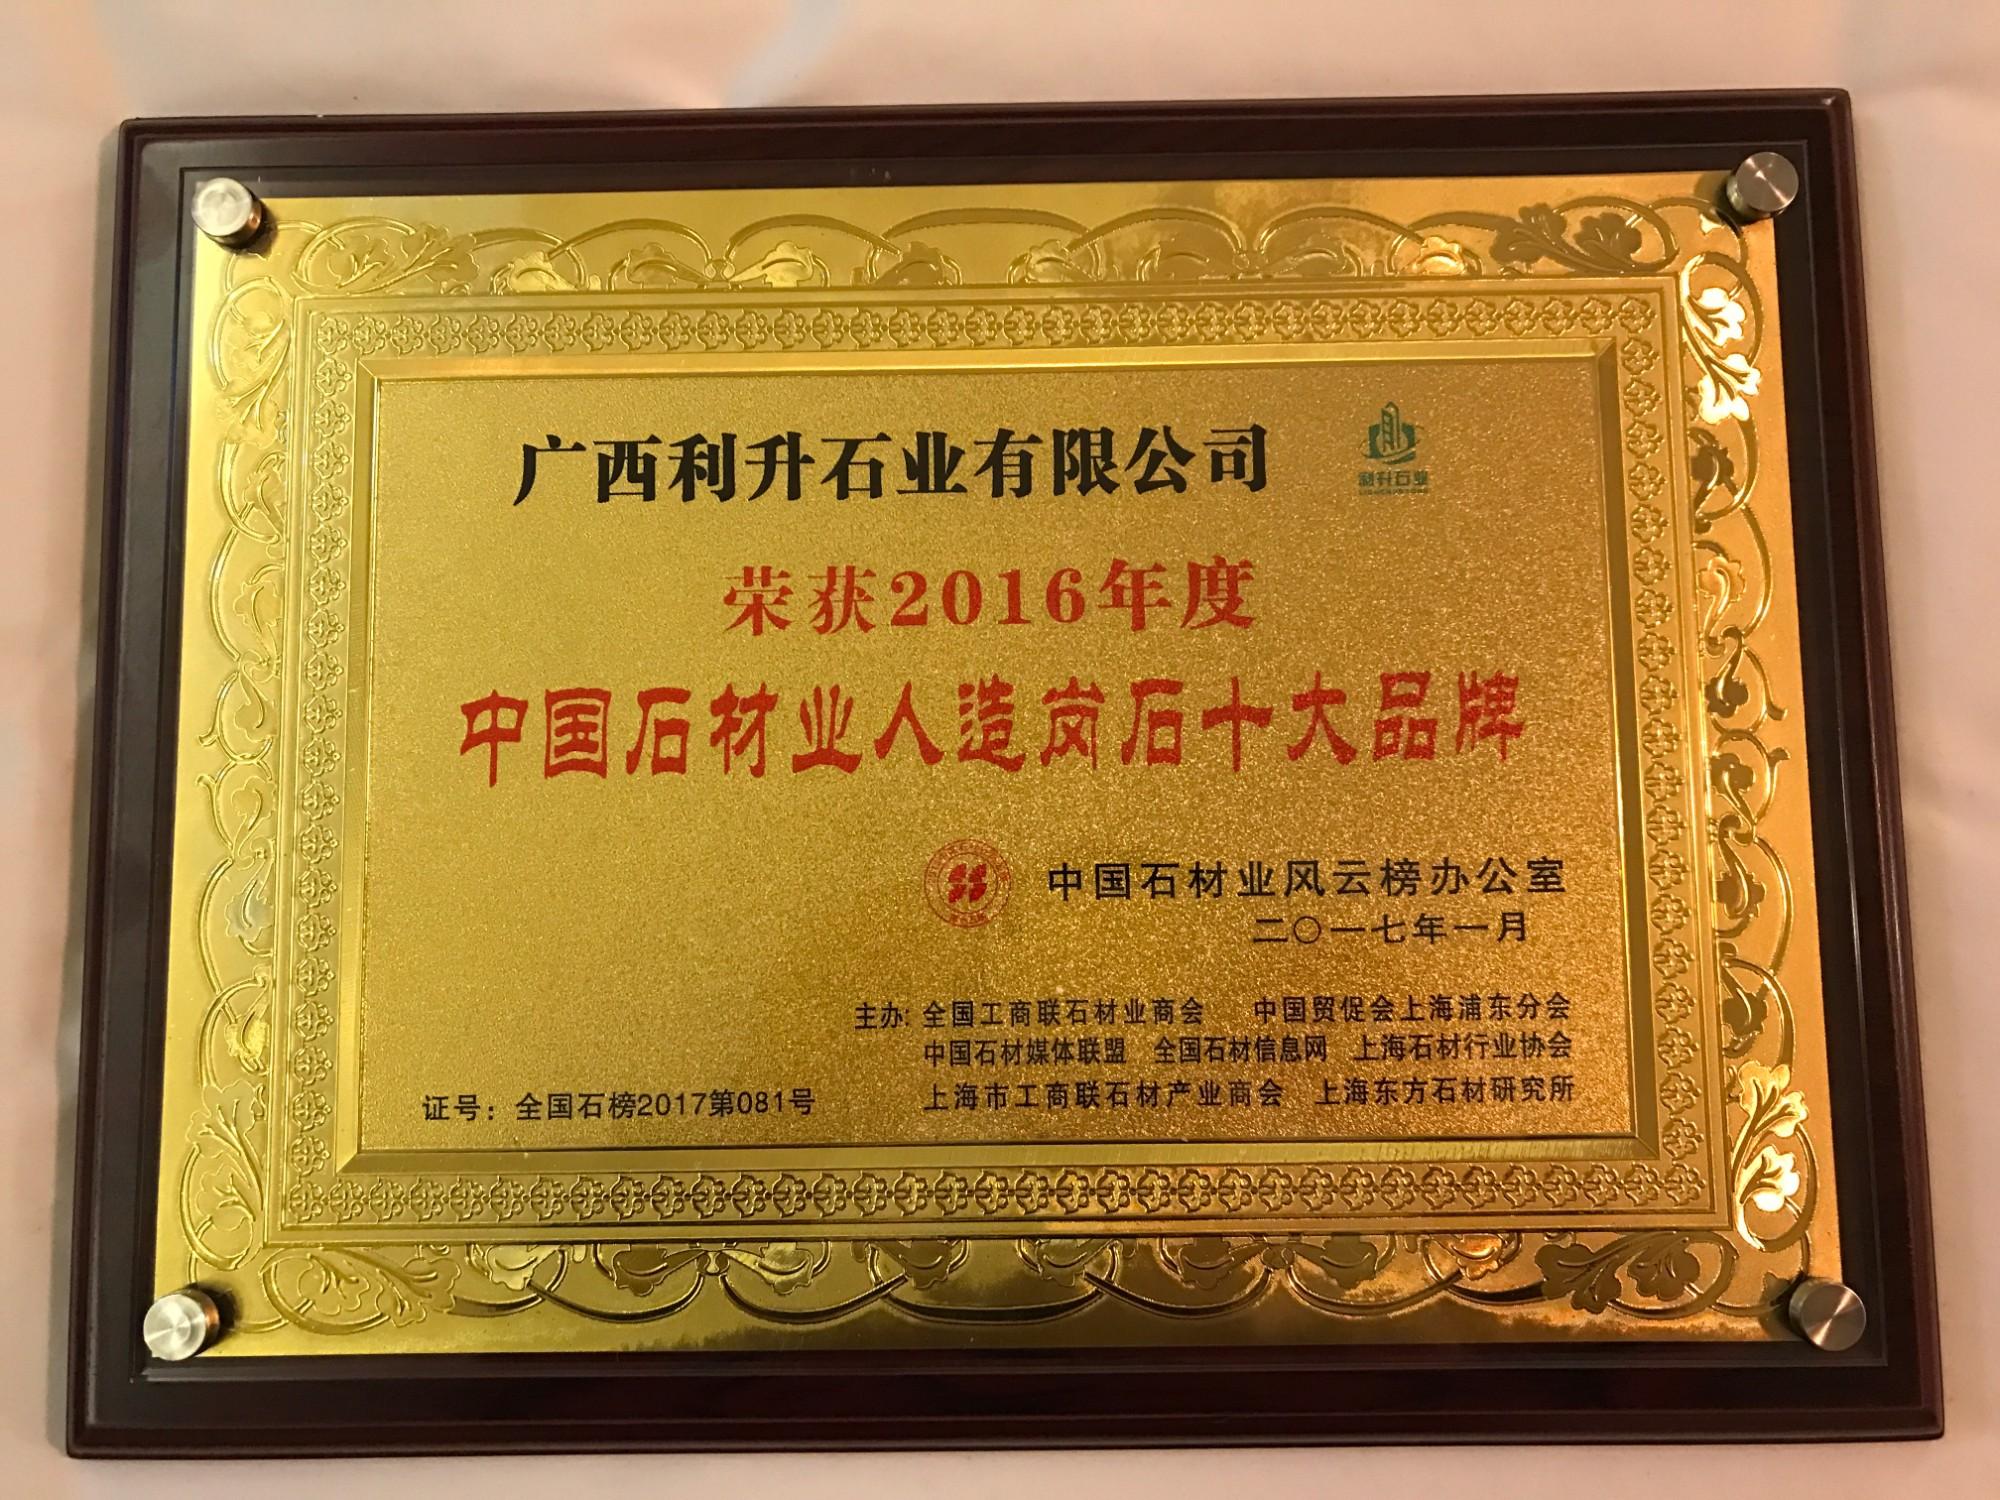 Guangxi Famous Brand